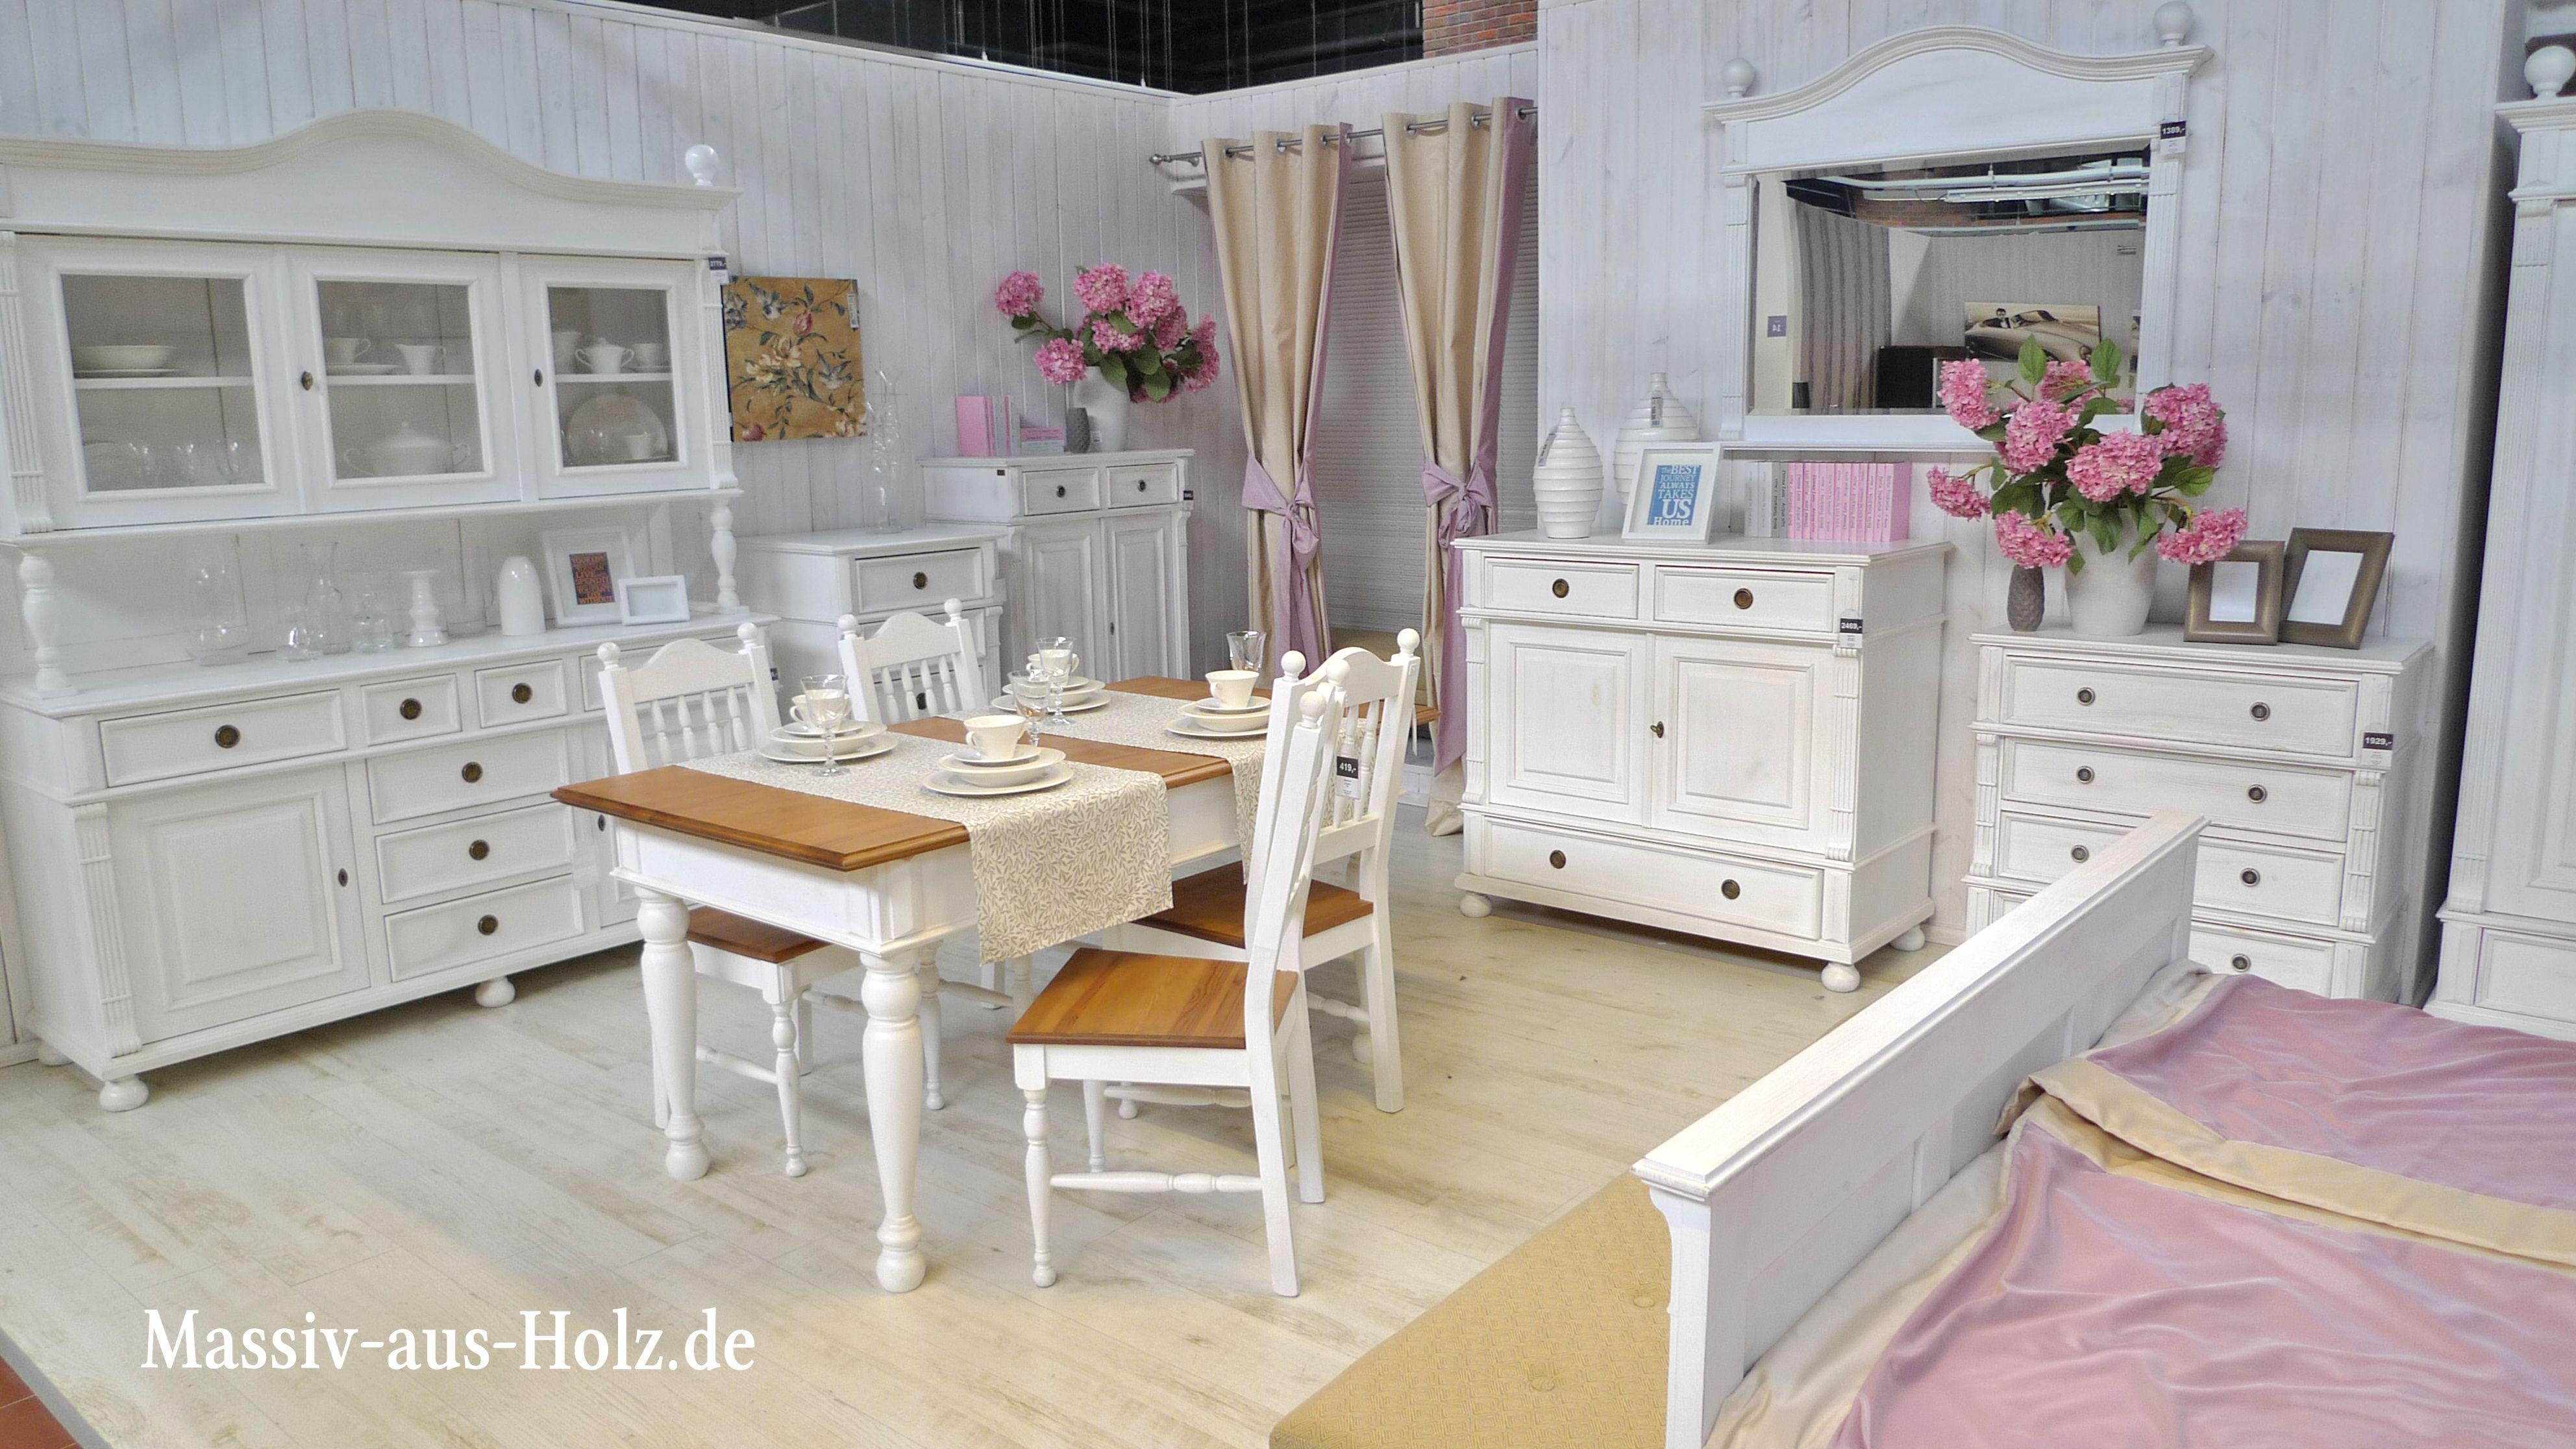 Bemerkenswert Landhausmöbel Weiss Das Beste Von Wohnen Mit Charme Weißer Möbel - Genau